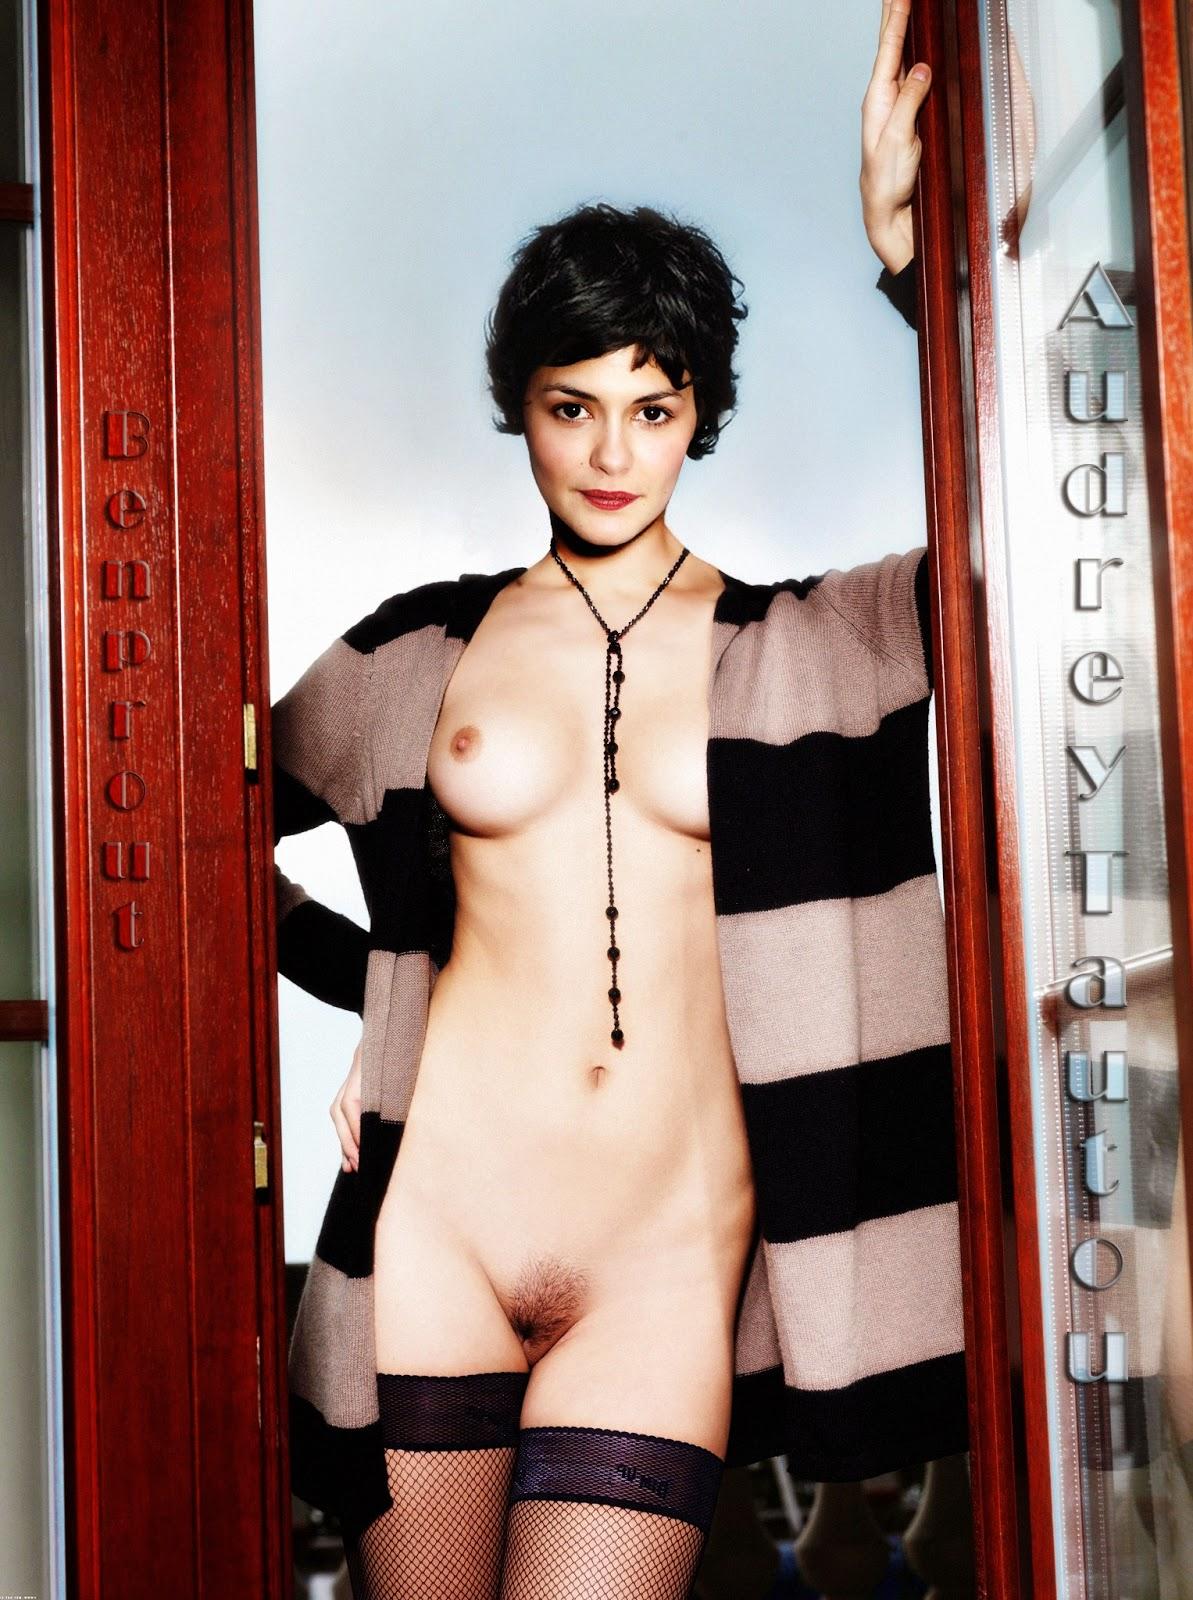 Jasmine shaye bondage forum